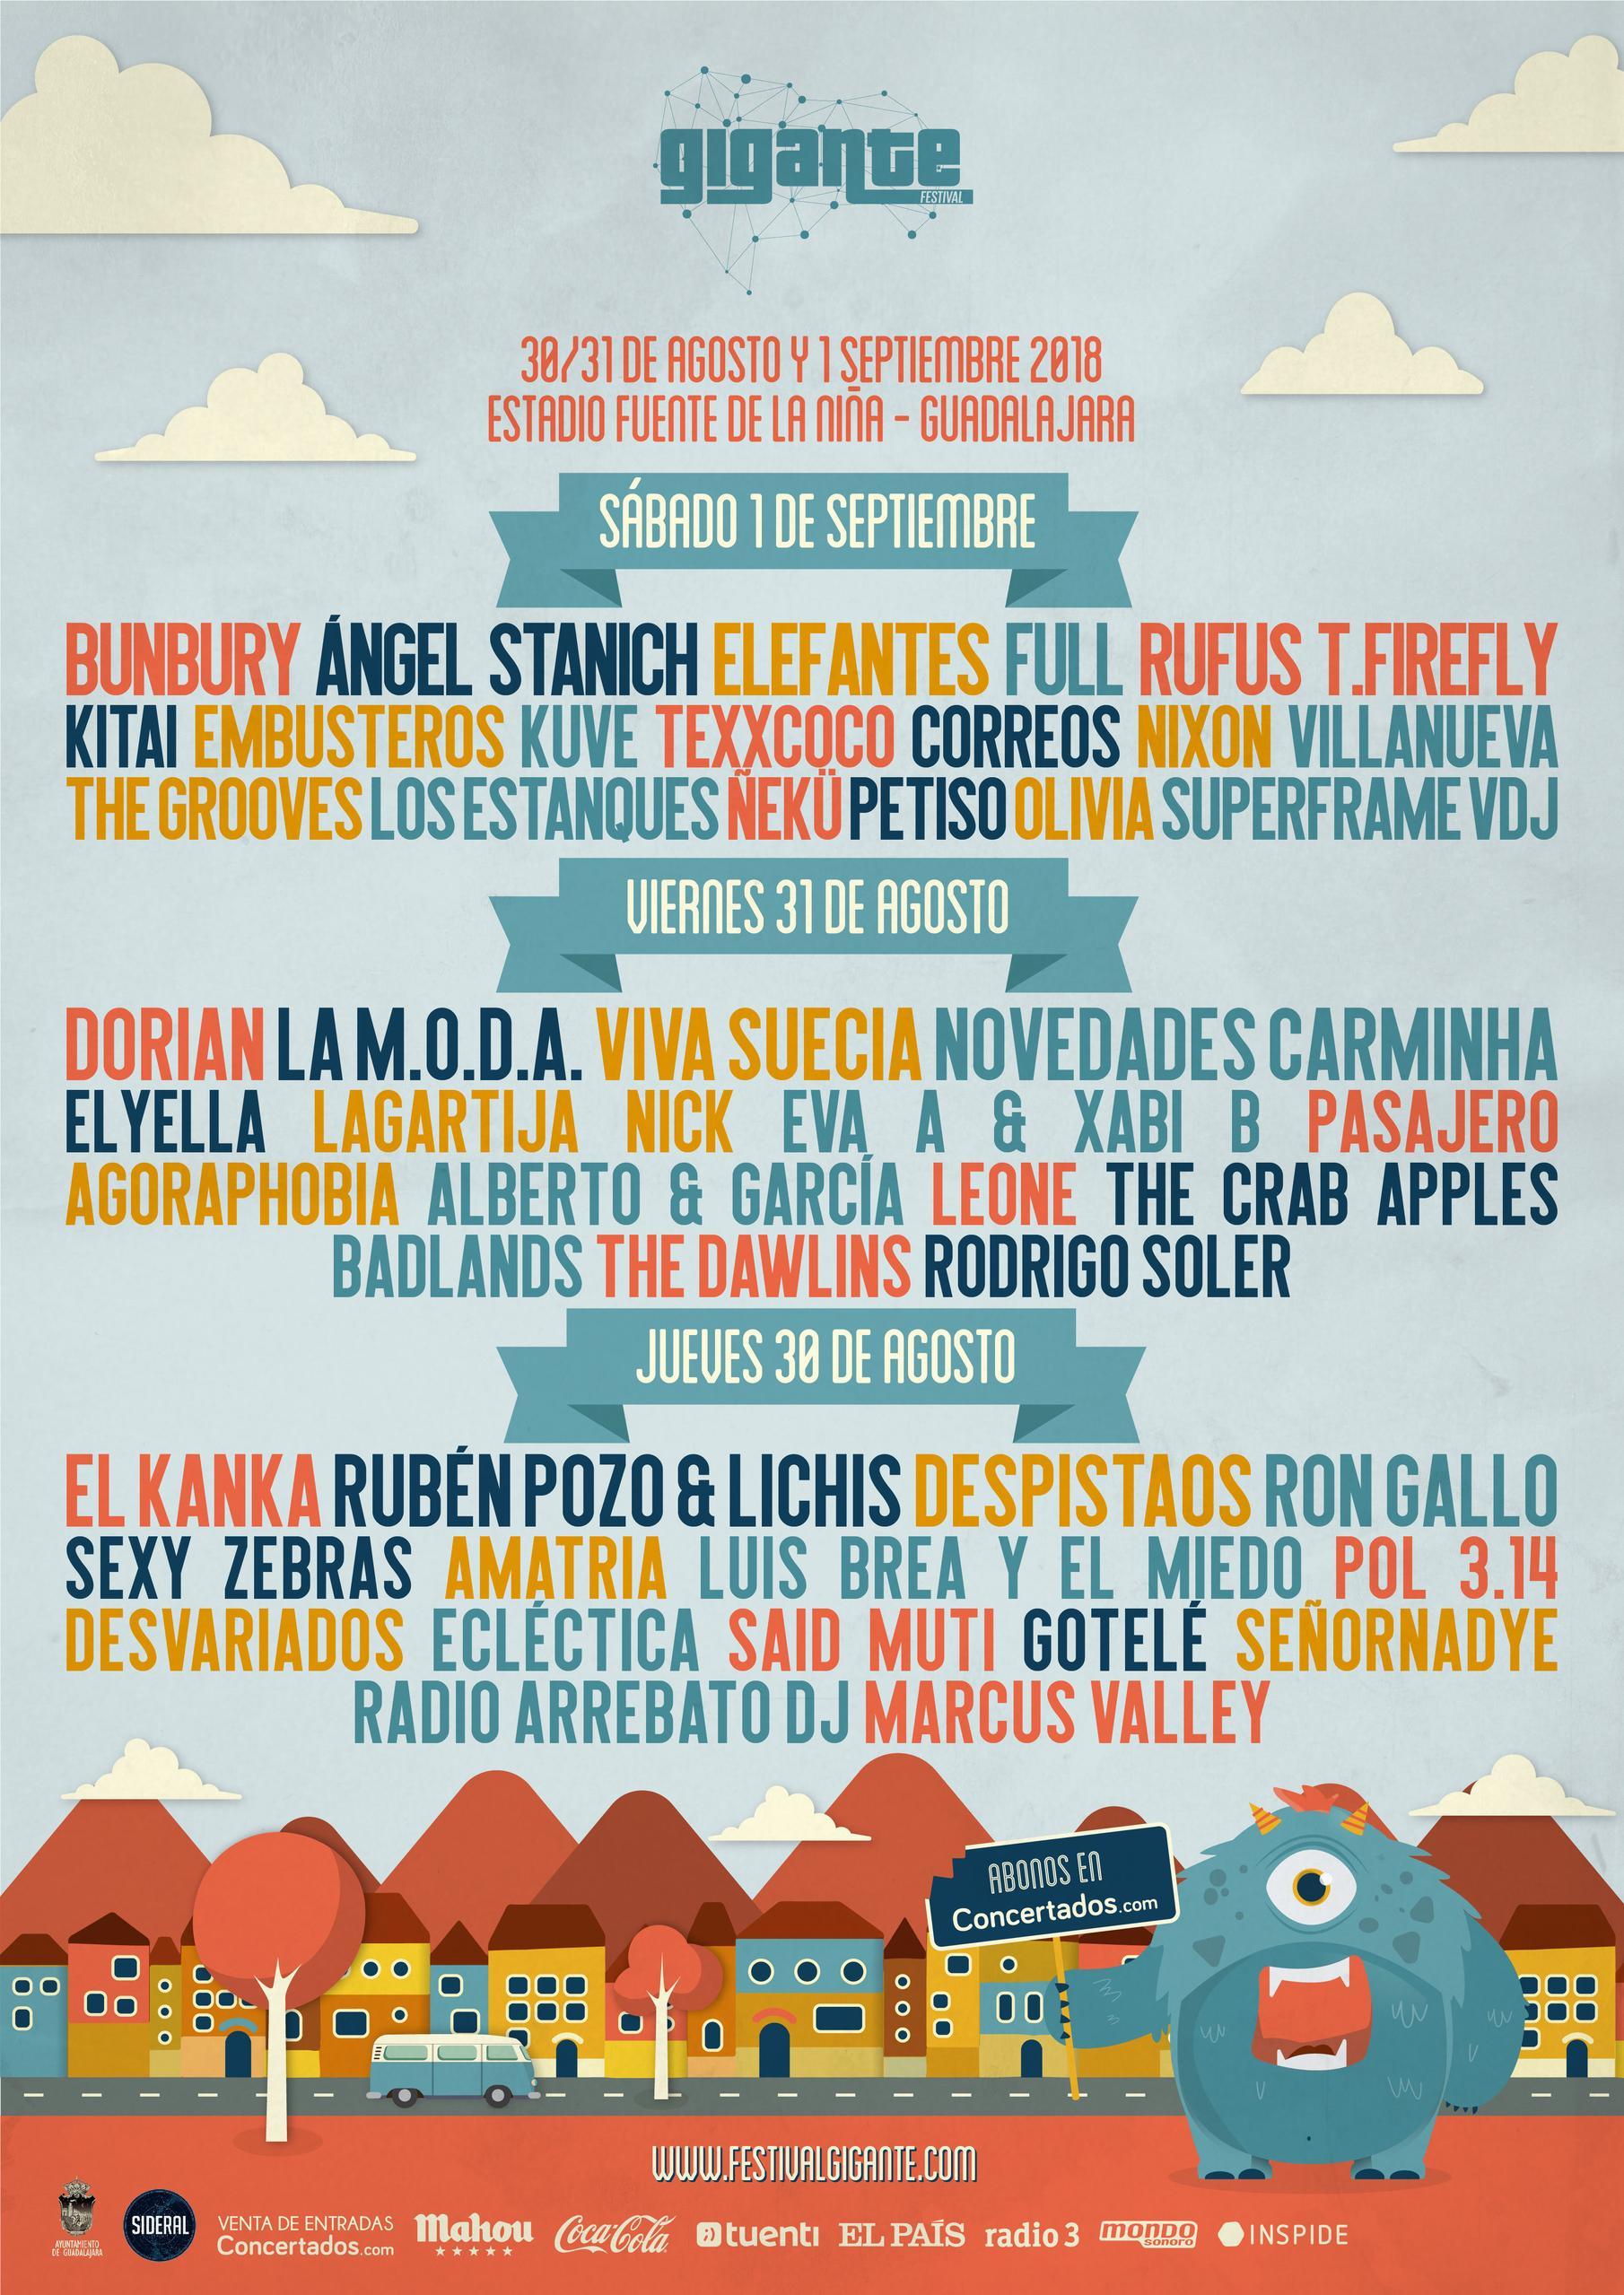 Festival Gigante 2018 Cartel por días